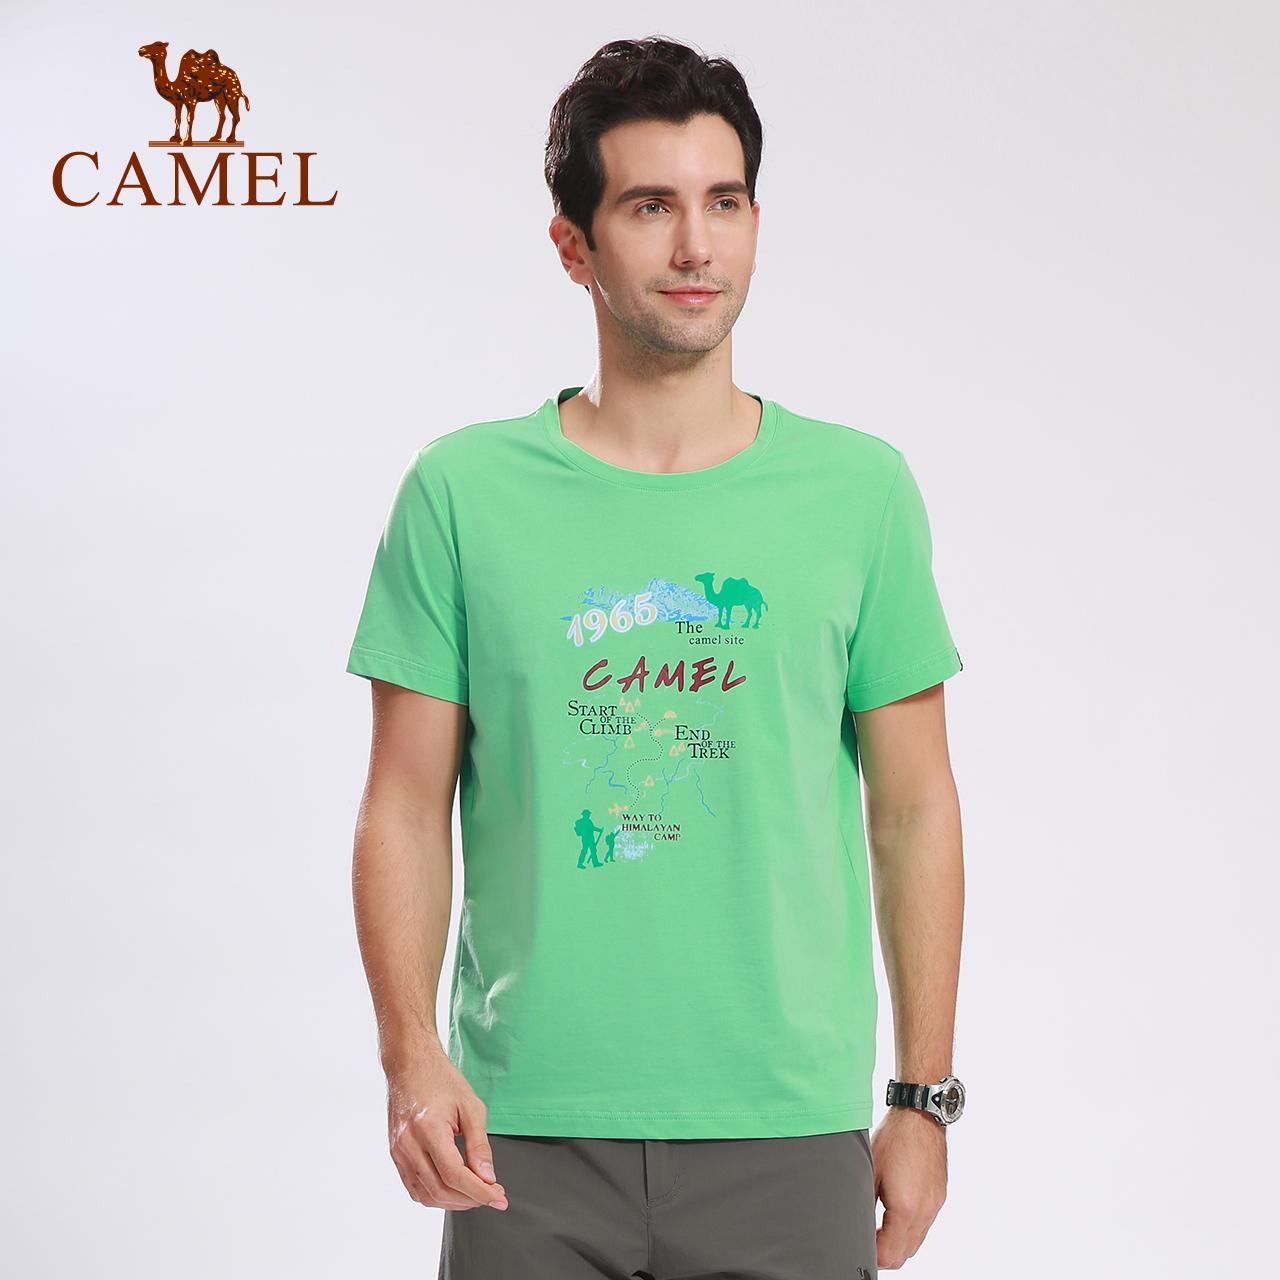 CAMEL骆驼户外男款T恤 春夏休闲短袖圆领轻薄透气运动T恤男士上衣